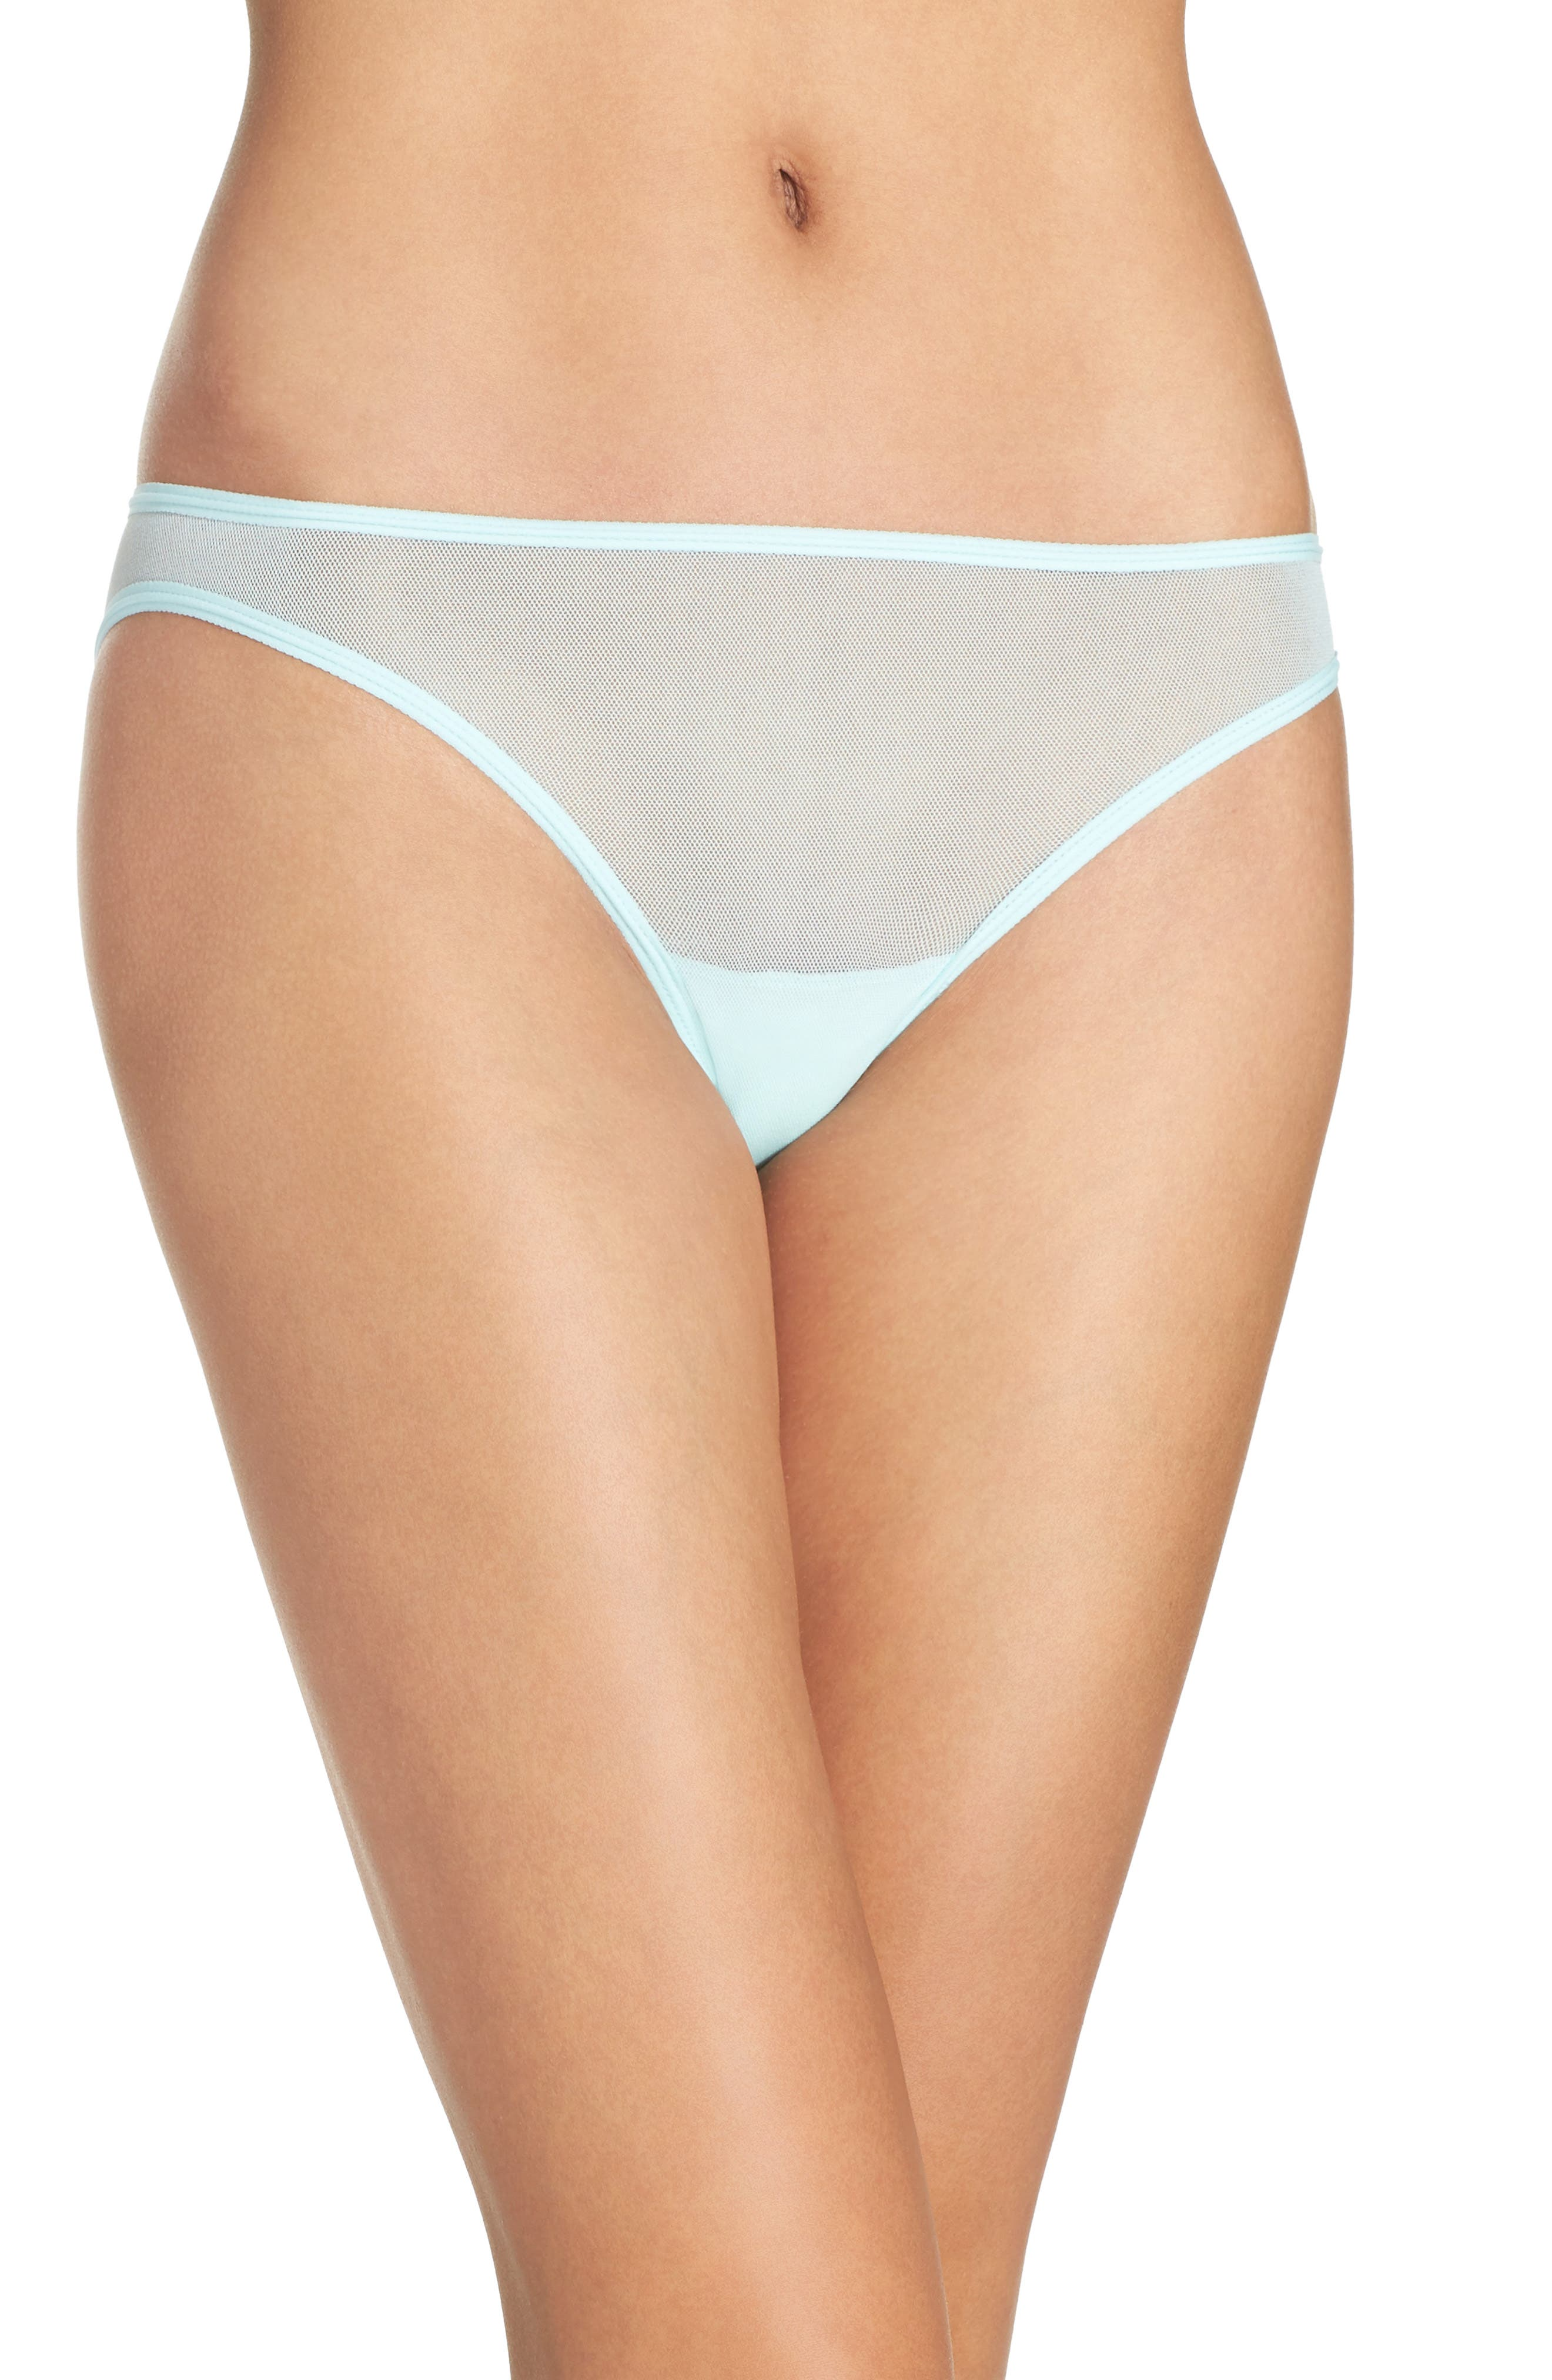 COSABELLA 'Soire' Low Rise Bikini